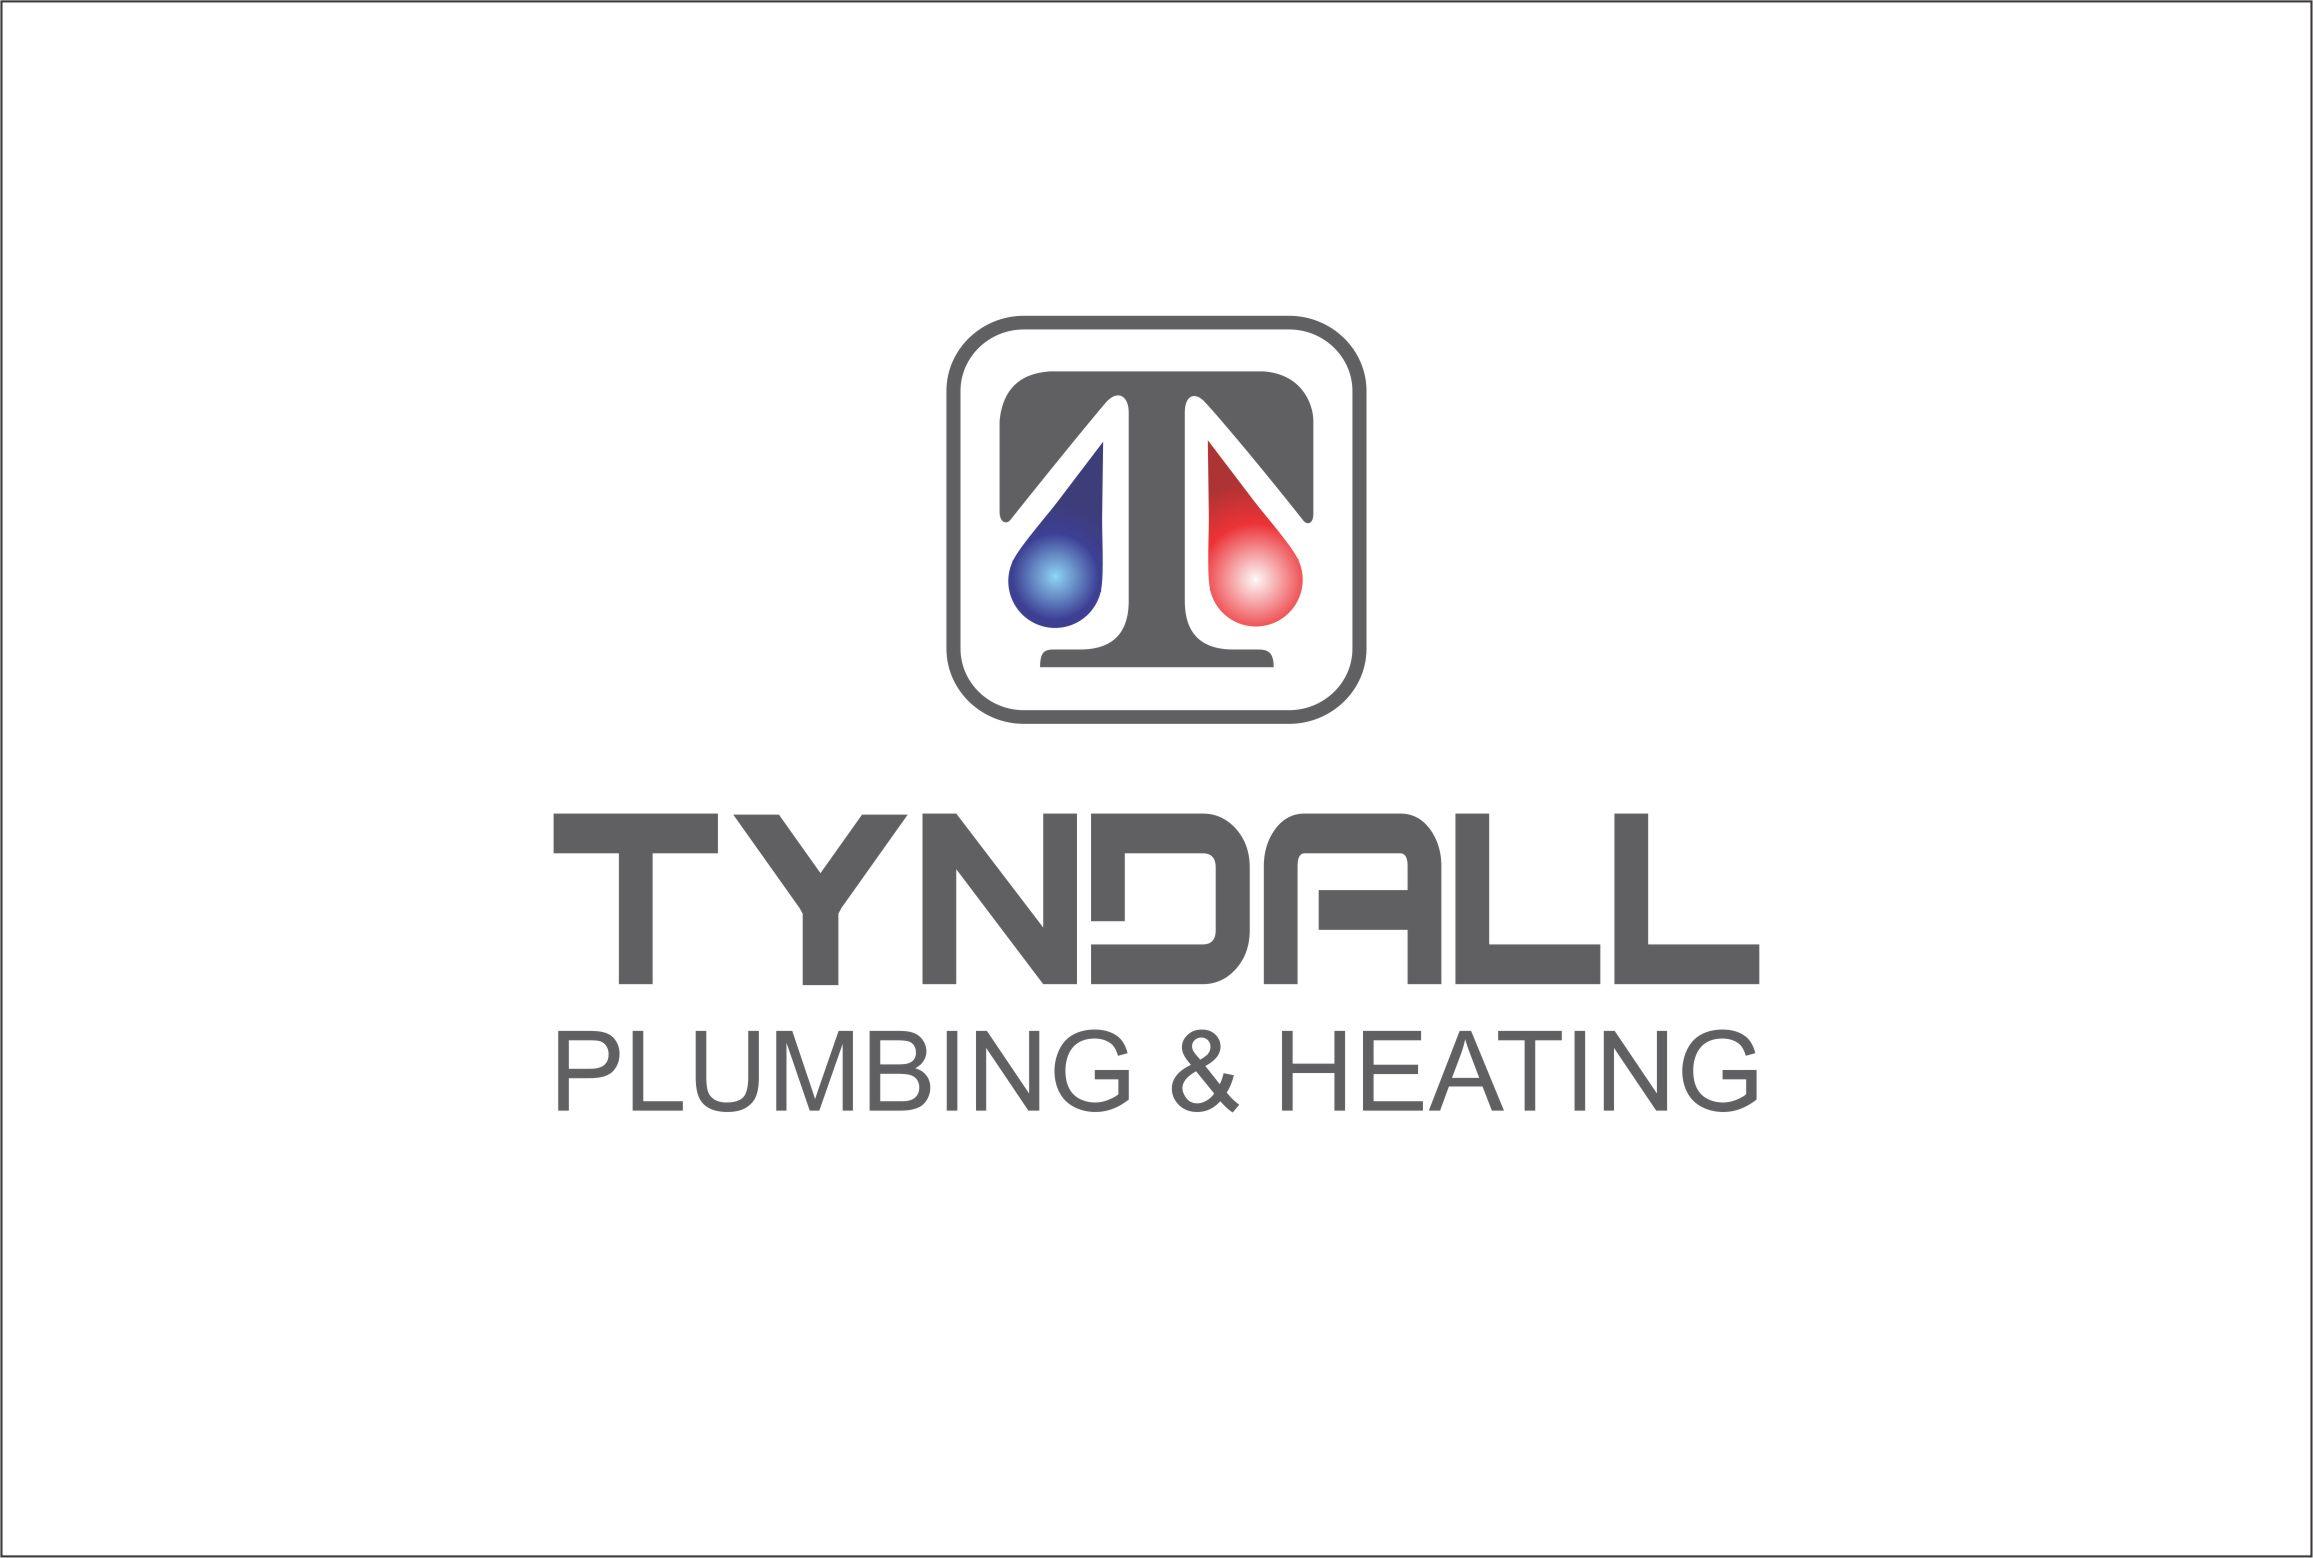 Logo Design by Nikola Kapunac - Entry No. 151 in the Logo Design Contest Imaginative Logo Design for Tyndall Plumbing & Heating.